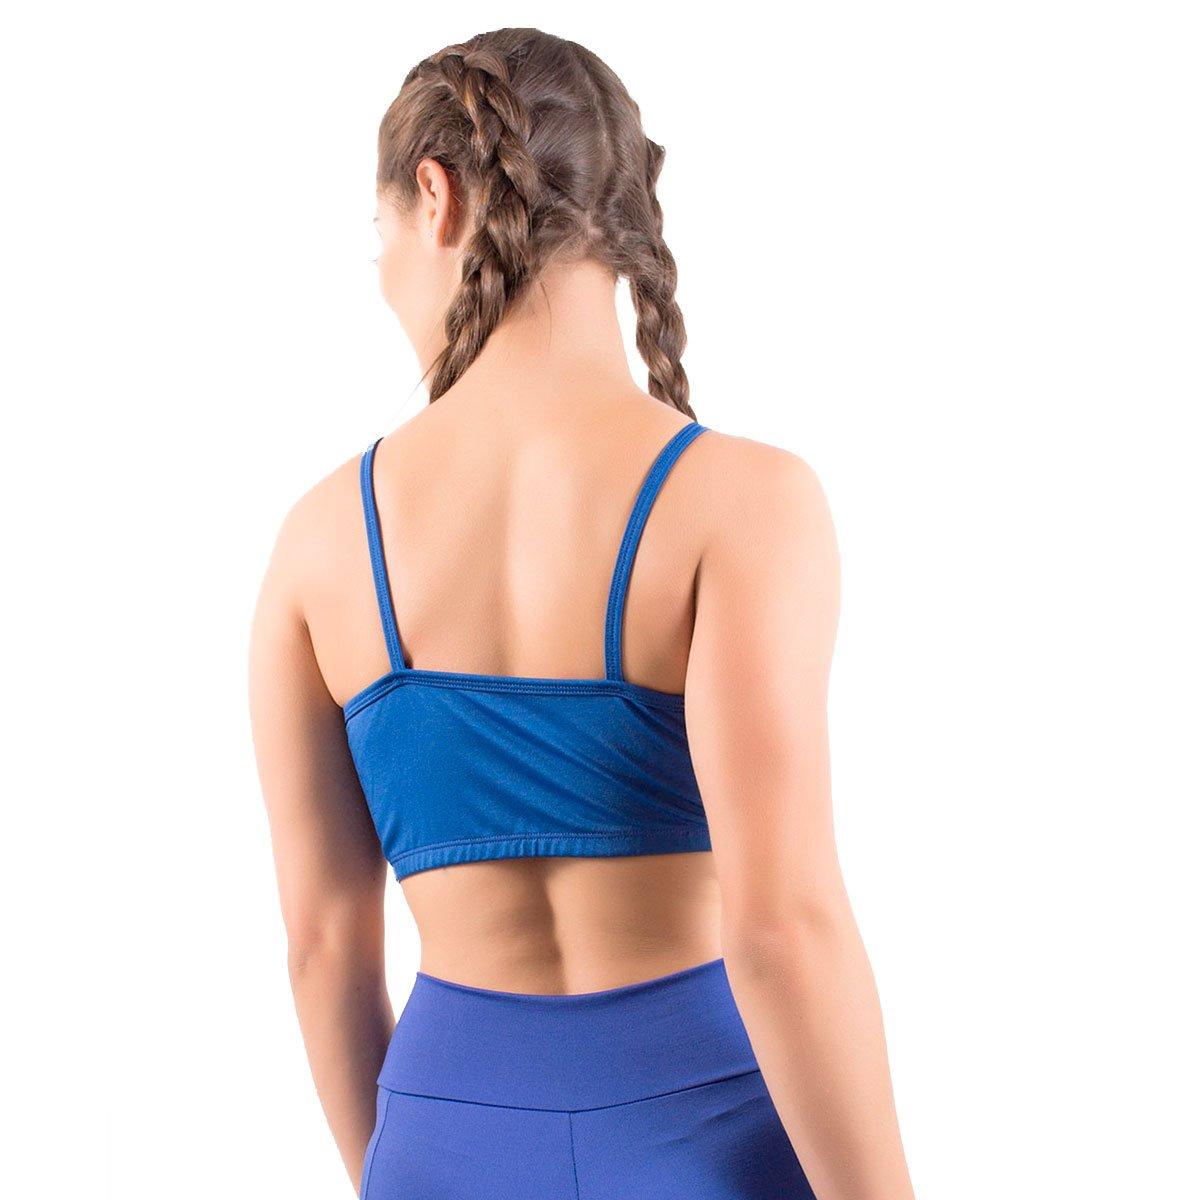 Fitness com Top Azul Tela e Top Fitness Alça com Royal wxqUUTt